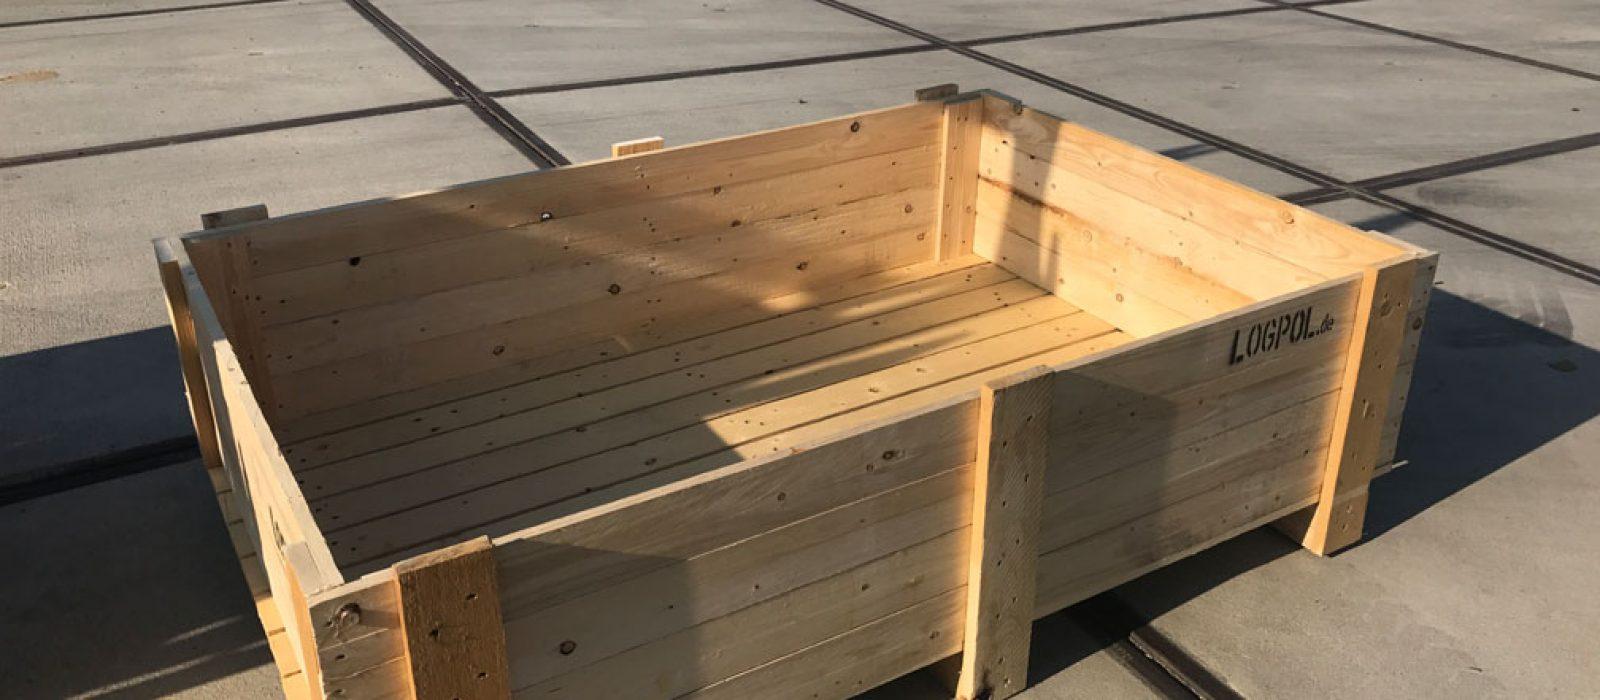 Holzkiste-1600x1200x600-mm-5